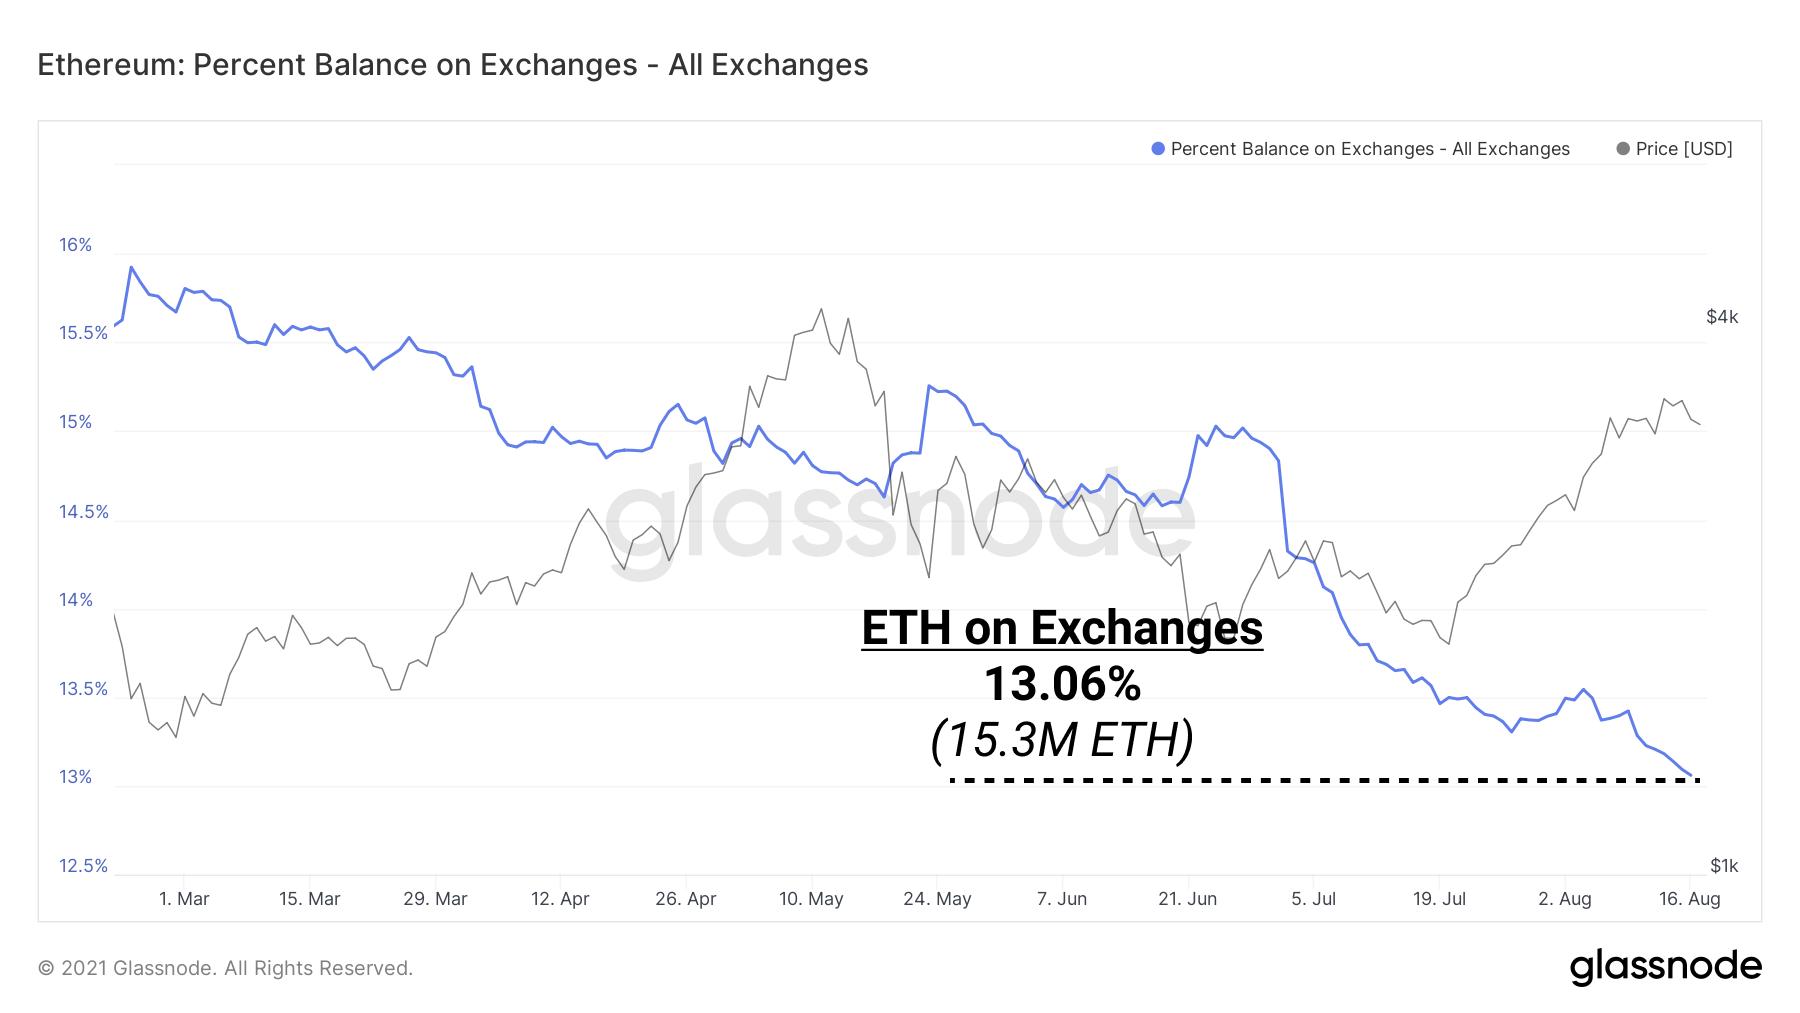 Gesamtmenge an Ethereum (ETH) auf Krypto Börsen